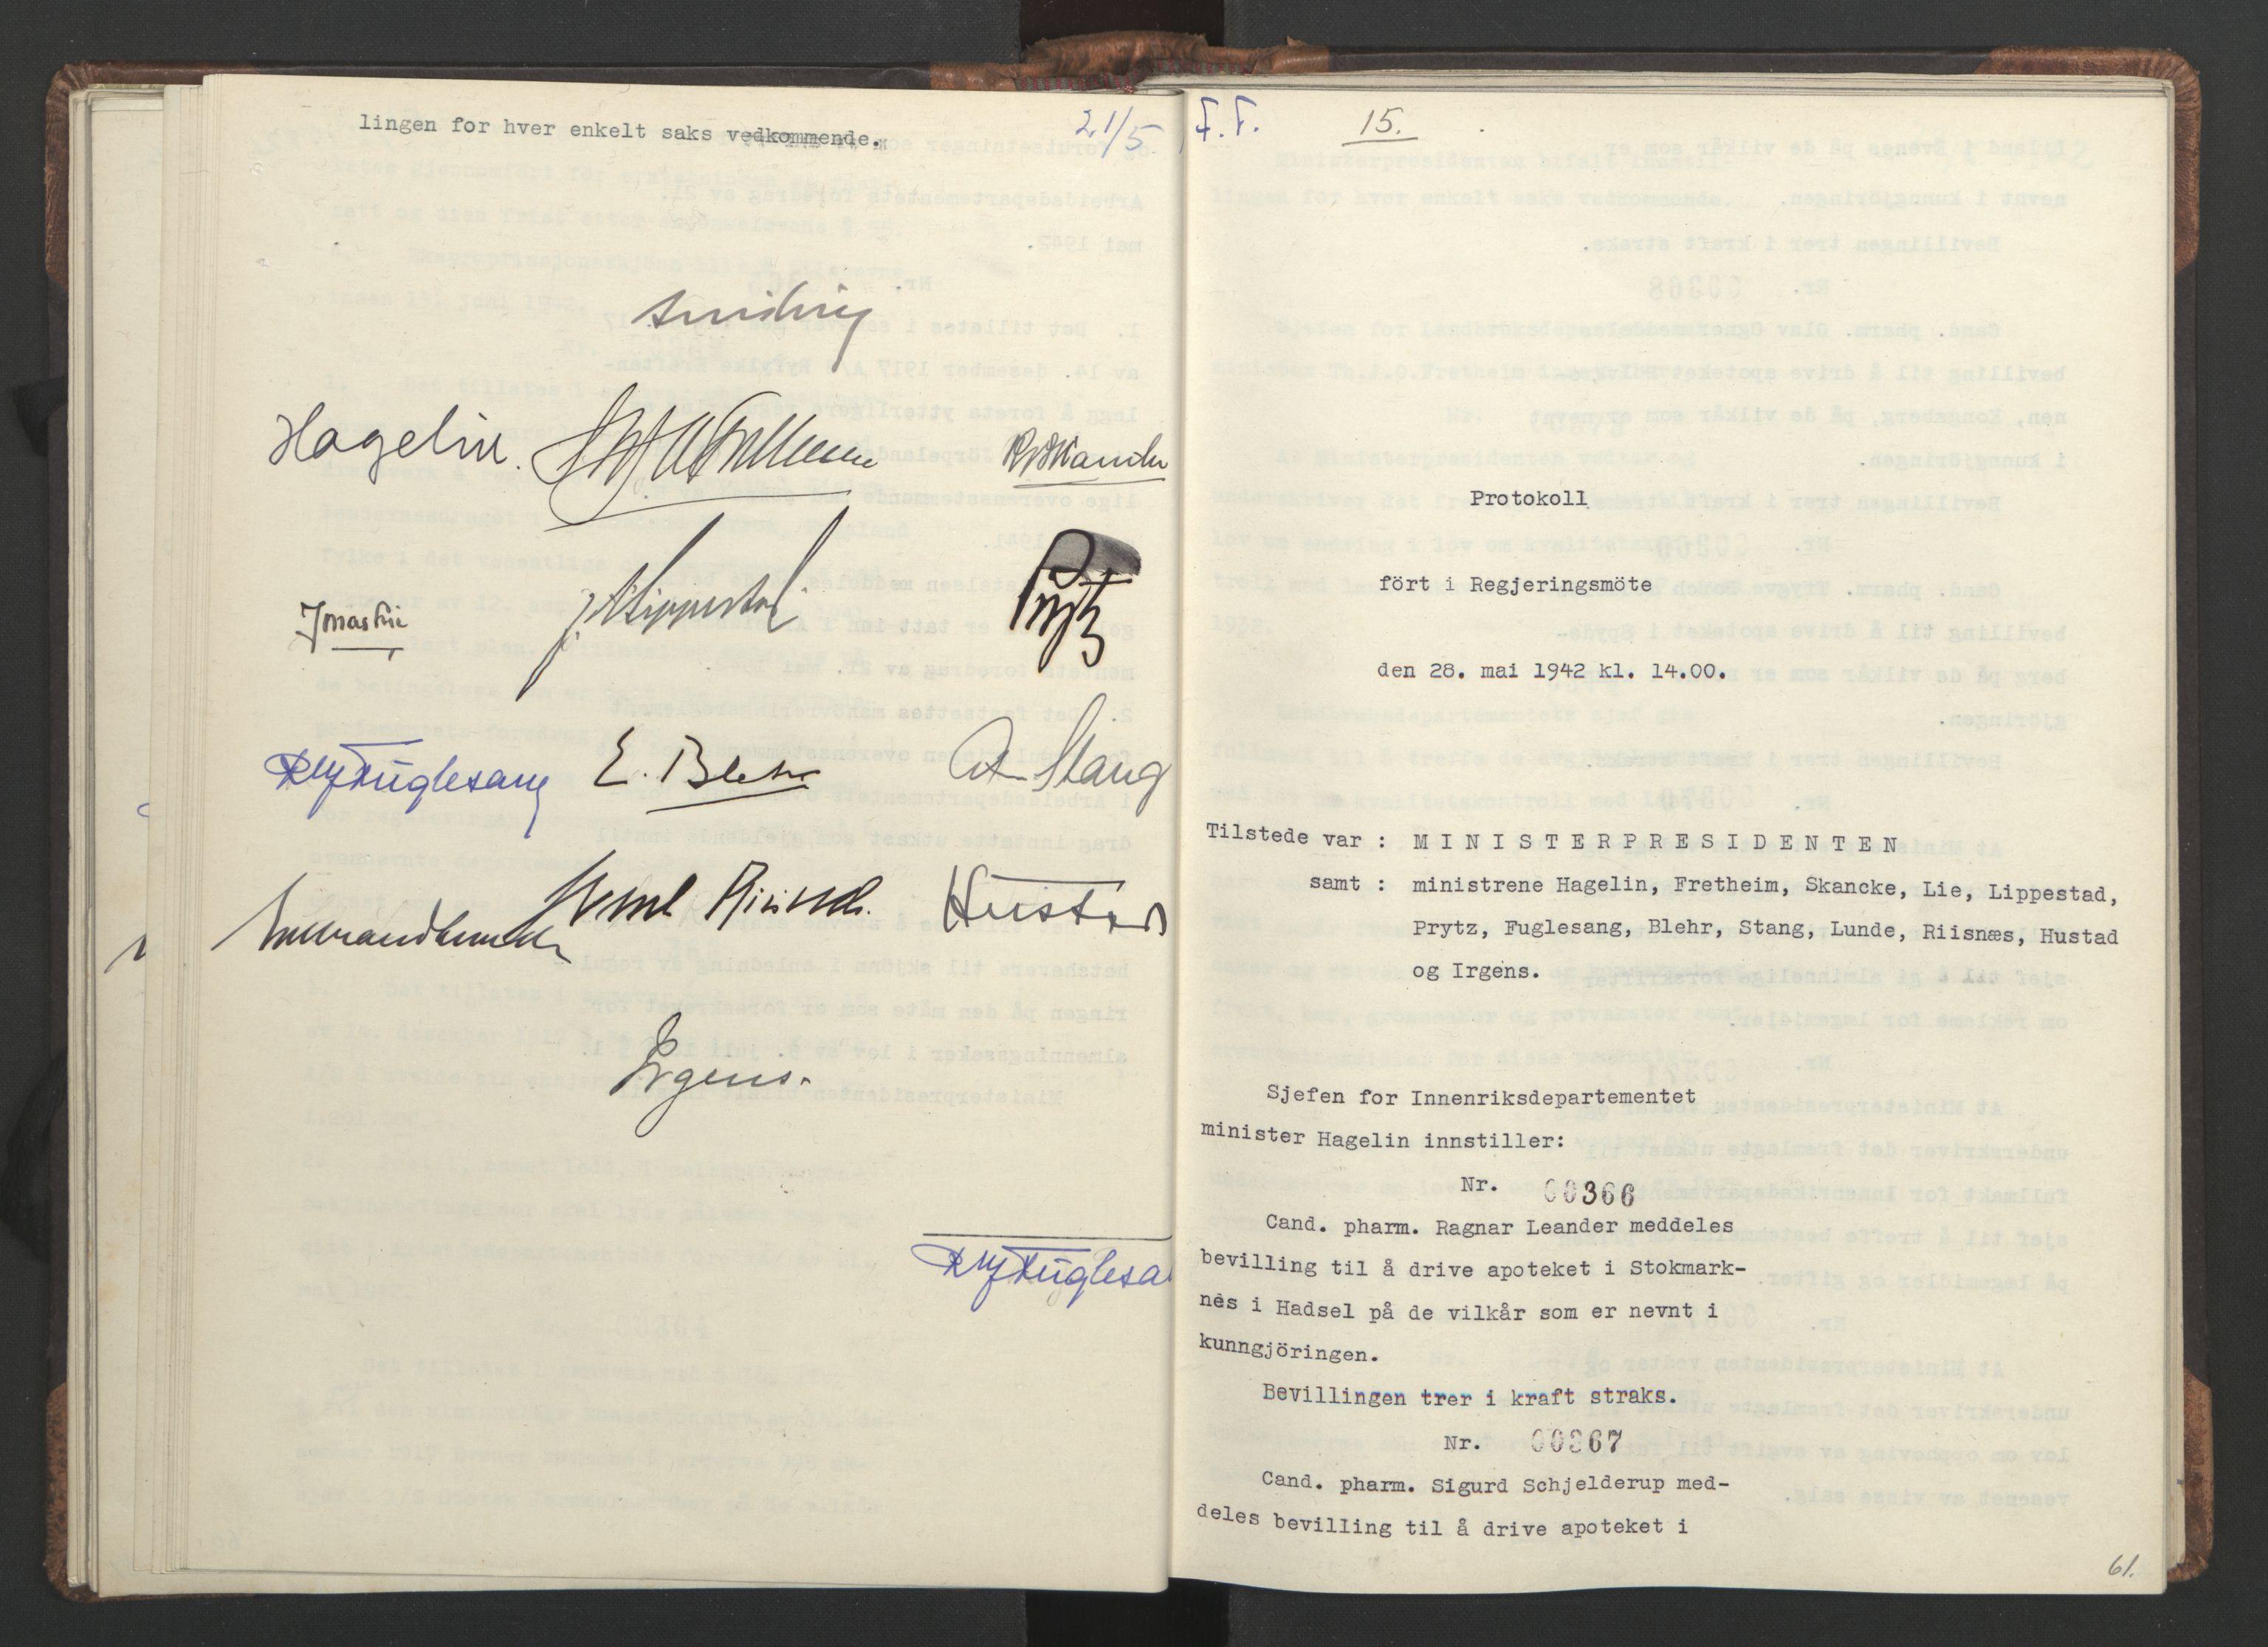 RA, NS-administrasjonen 1940-1945 (Statsrådsekretariatet, de kommisariske statsråder mm), D/Da/L0001: Beslutninger og tillegg (1-952 og 1-32), 1942, s. 60b-61a